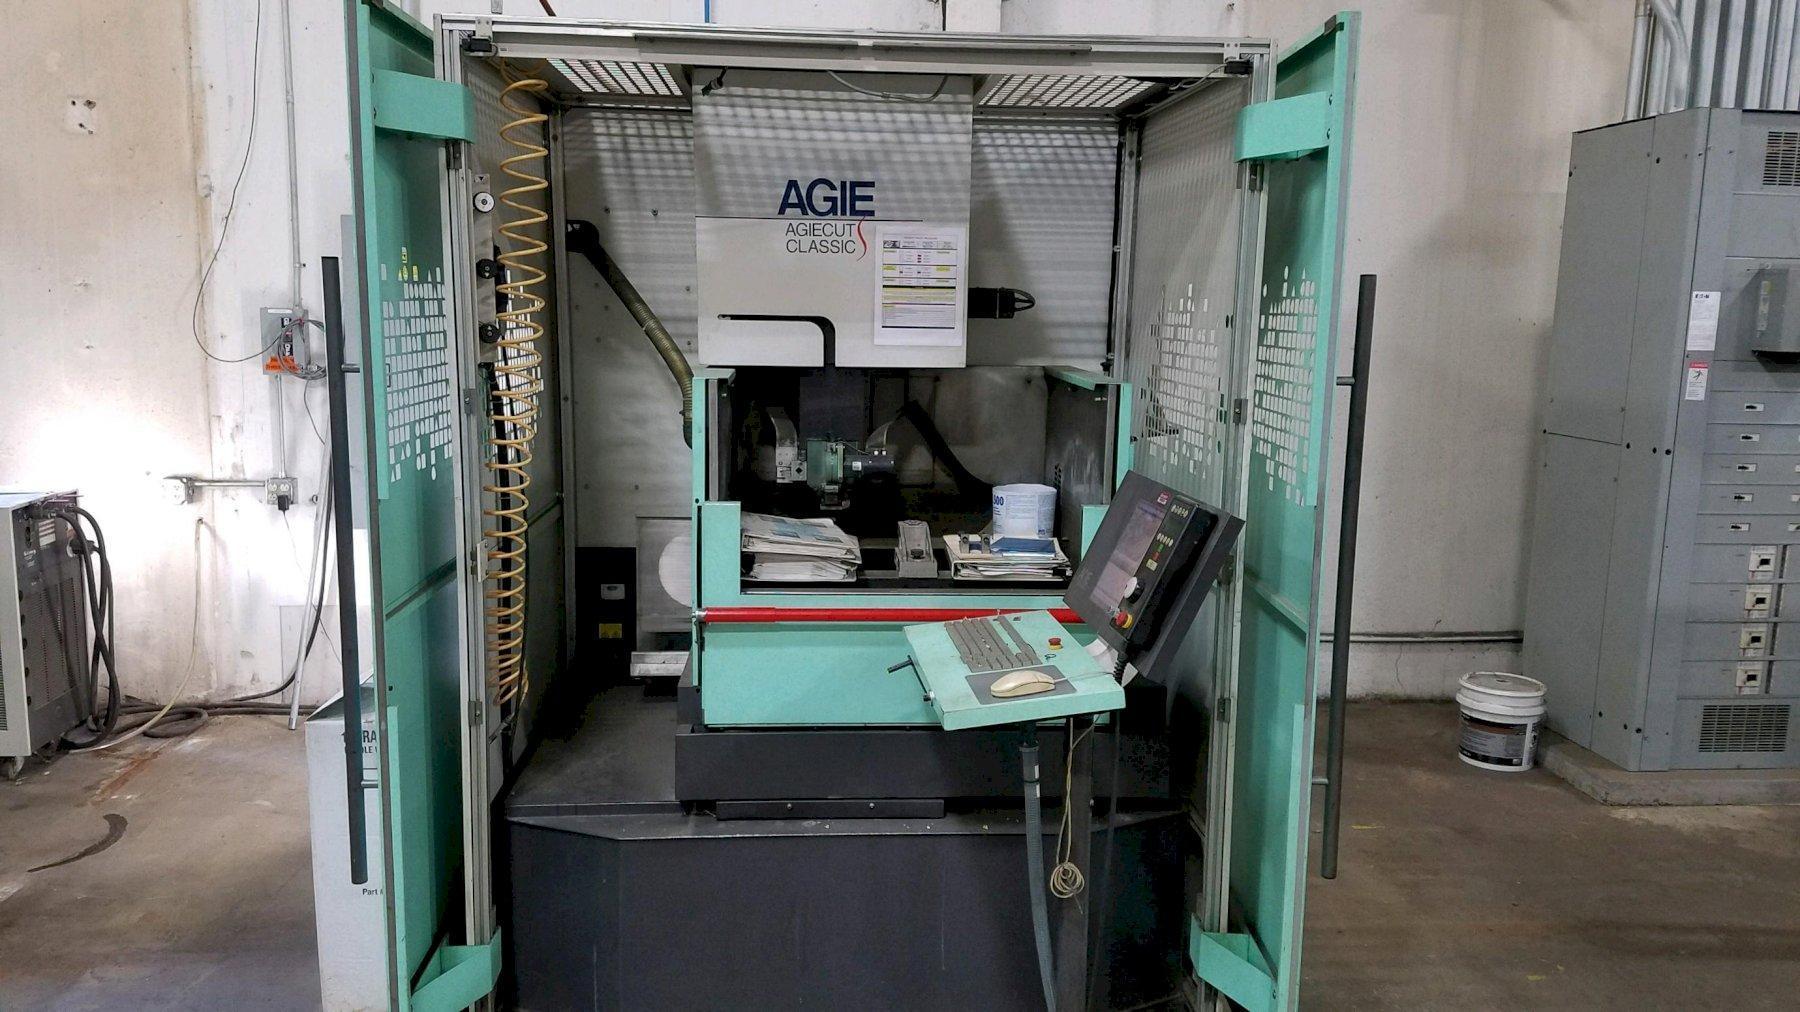 2003 AGIE AGIECUT CLASSIC 2S WIRE EDM: STOCK 12566